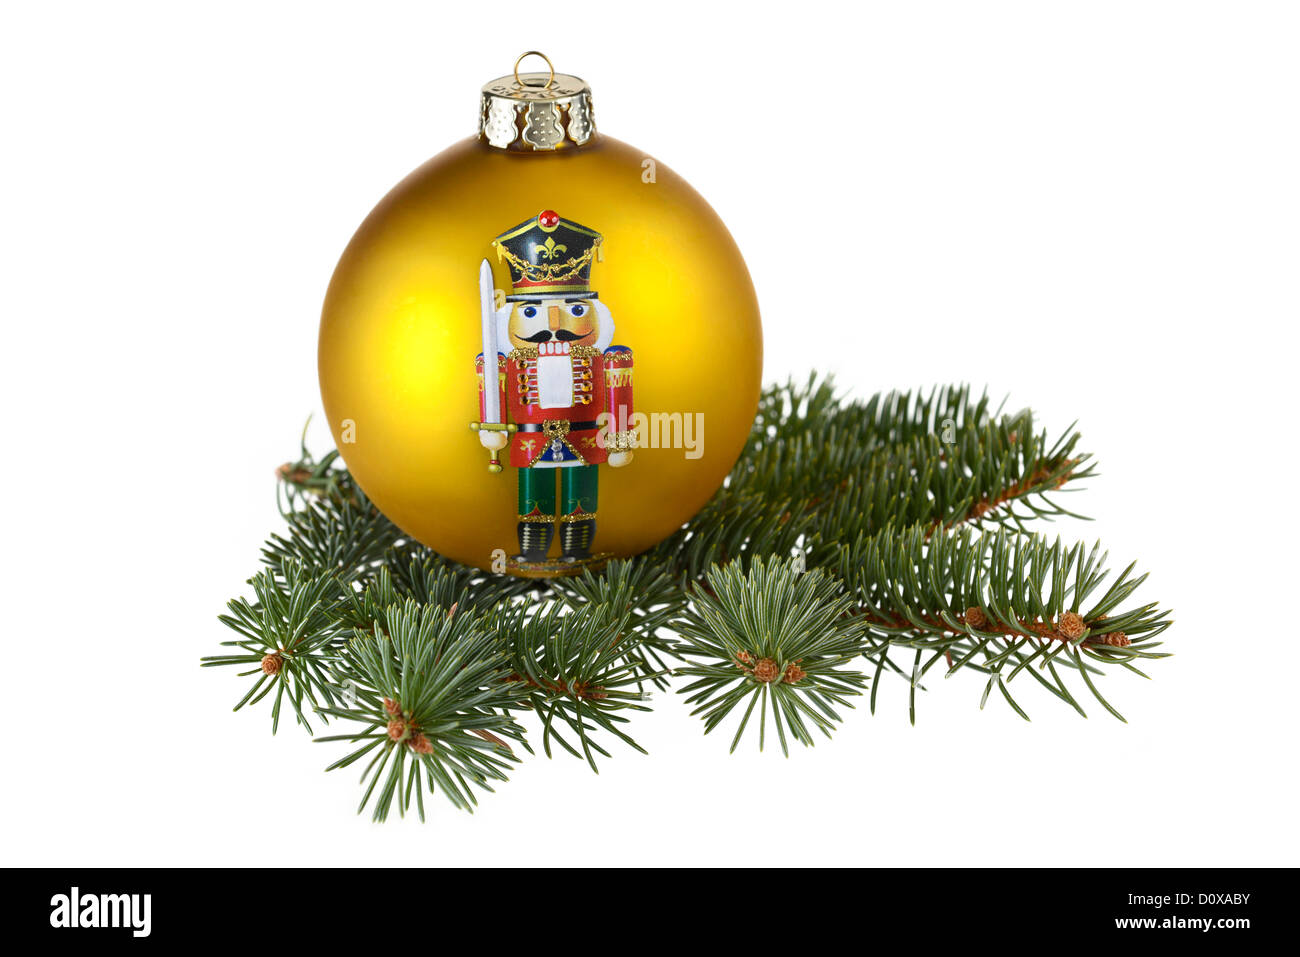 Decorazione per albero di Natale, a sfera Immagini Stock